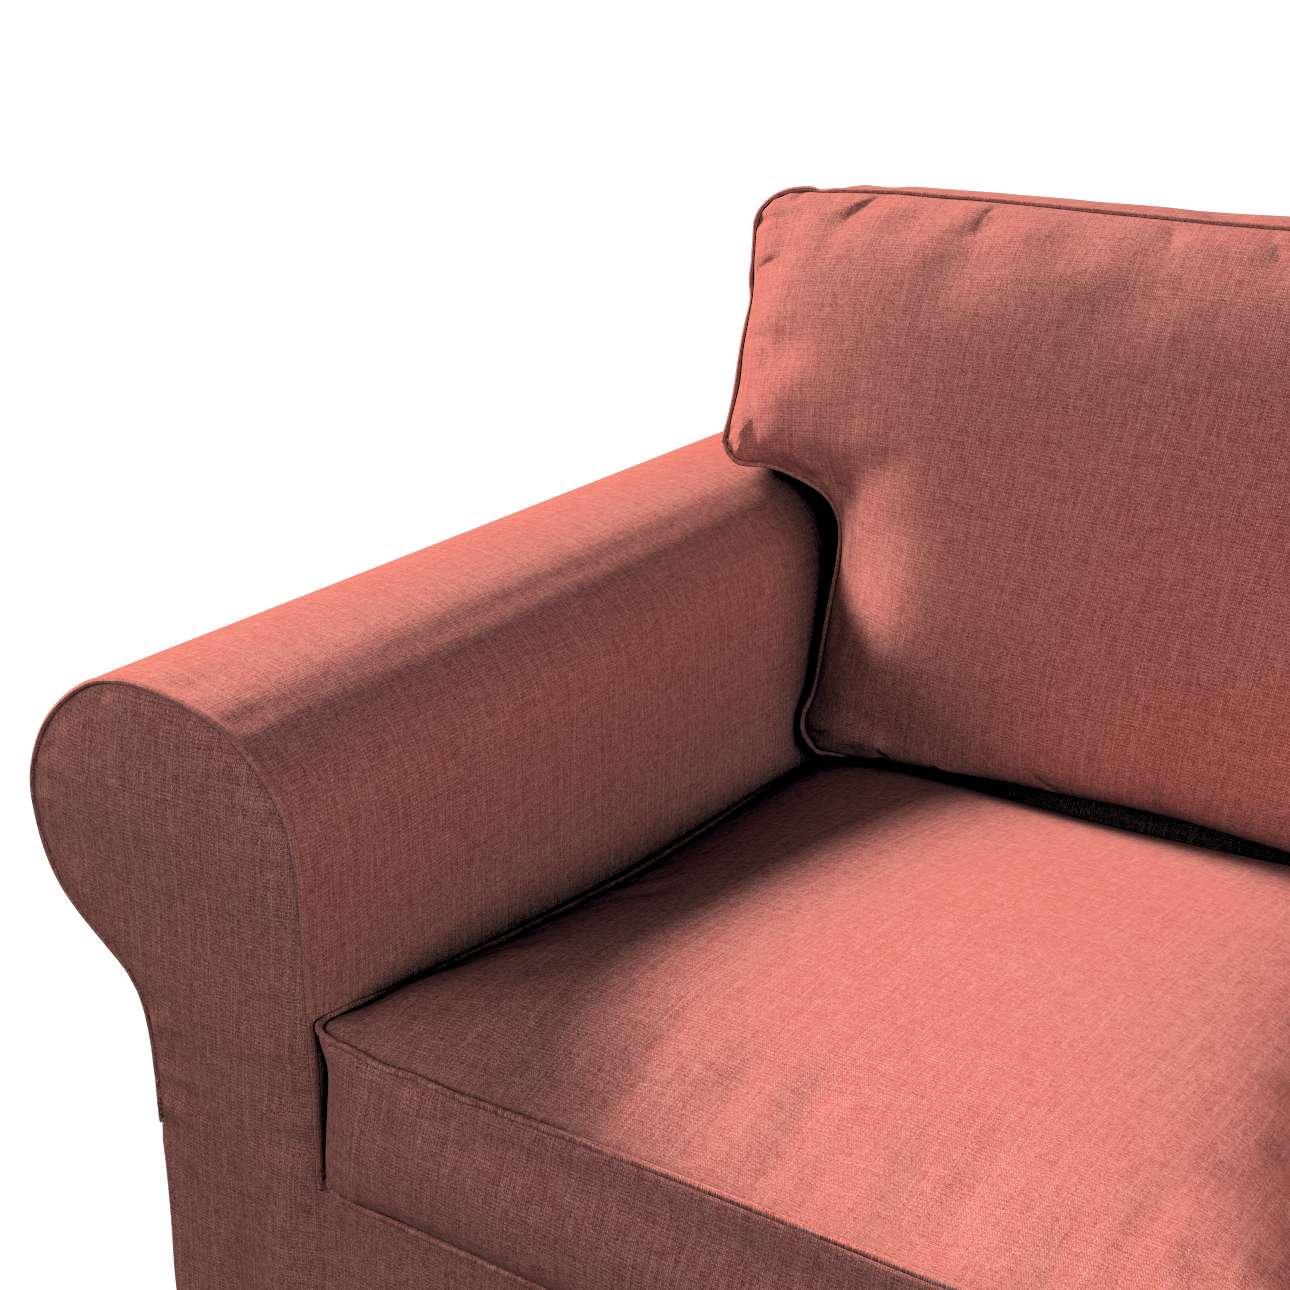 Pokrowiec na sofę Ektorp 2-osobową, rozkładaną, model do 2012 w kolekcji City, tkanina: 704-84